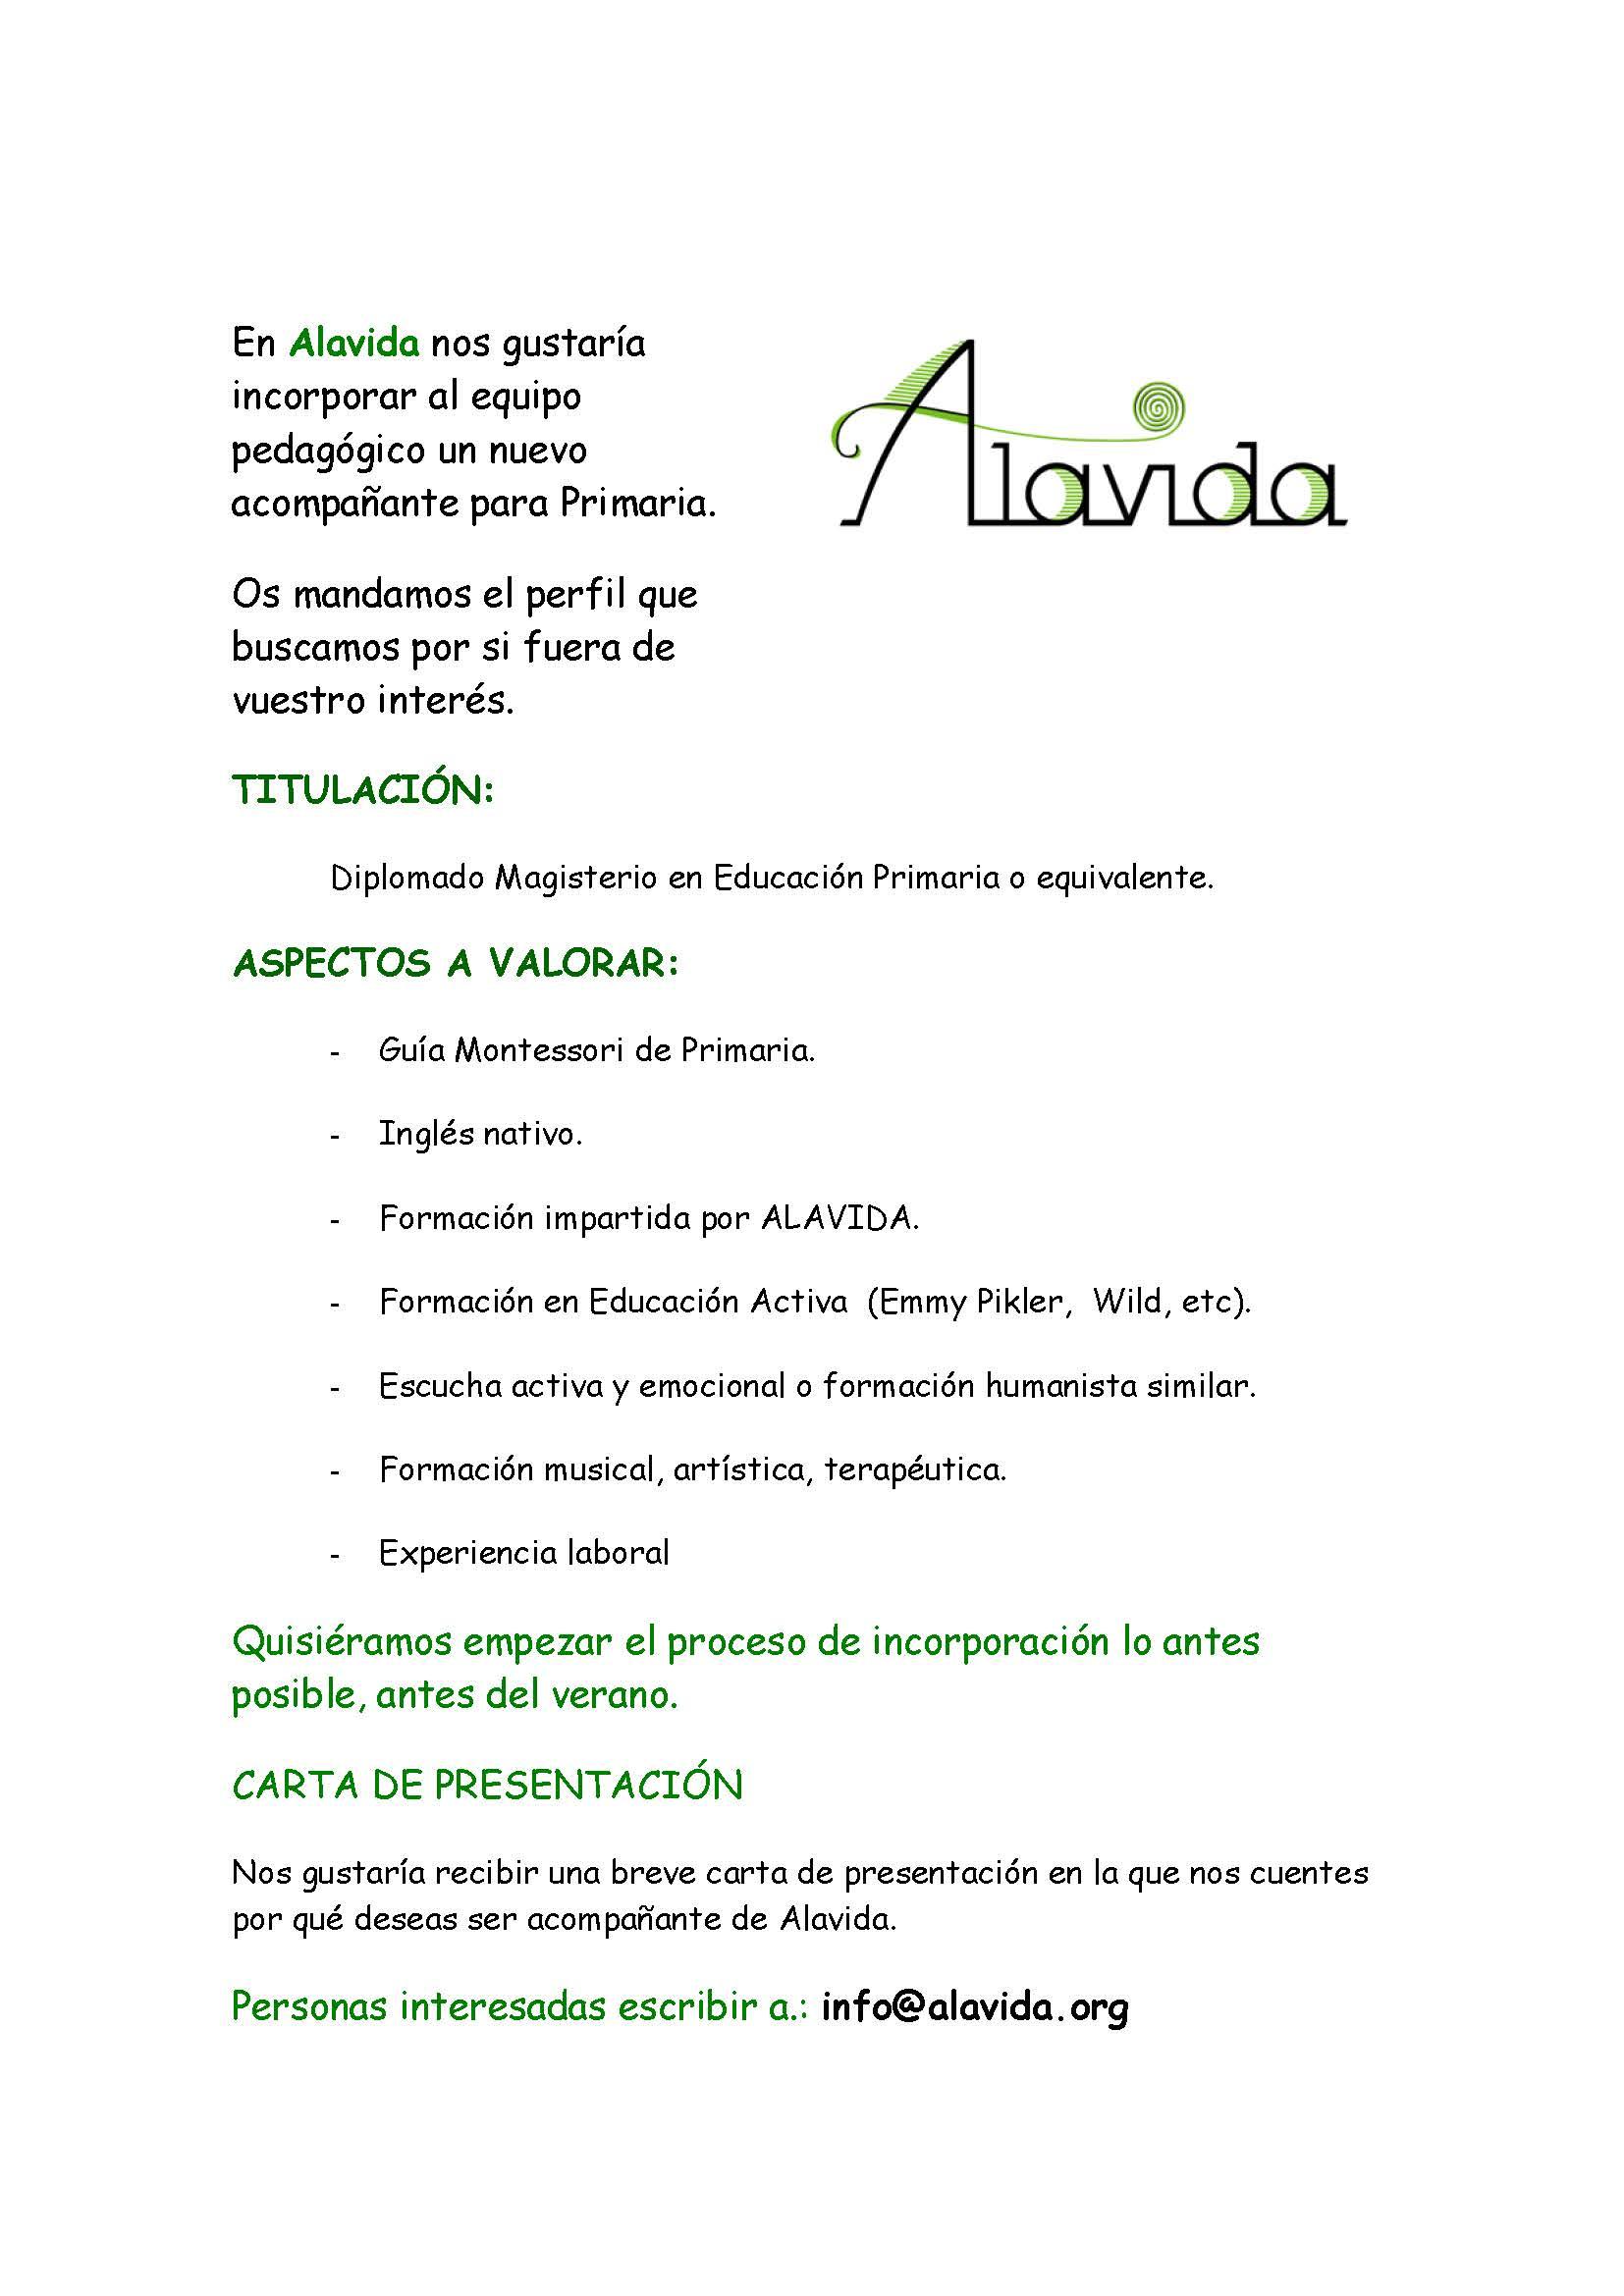 OFERTA DE TRABAJO-Acompañante Primaria--05-04-17-